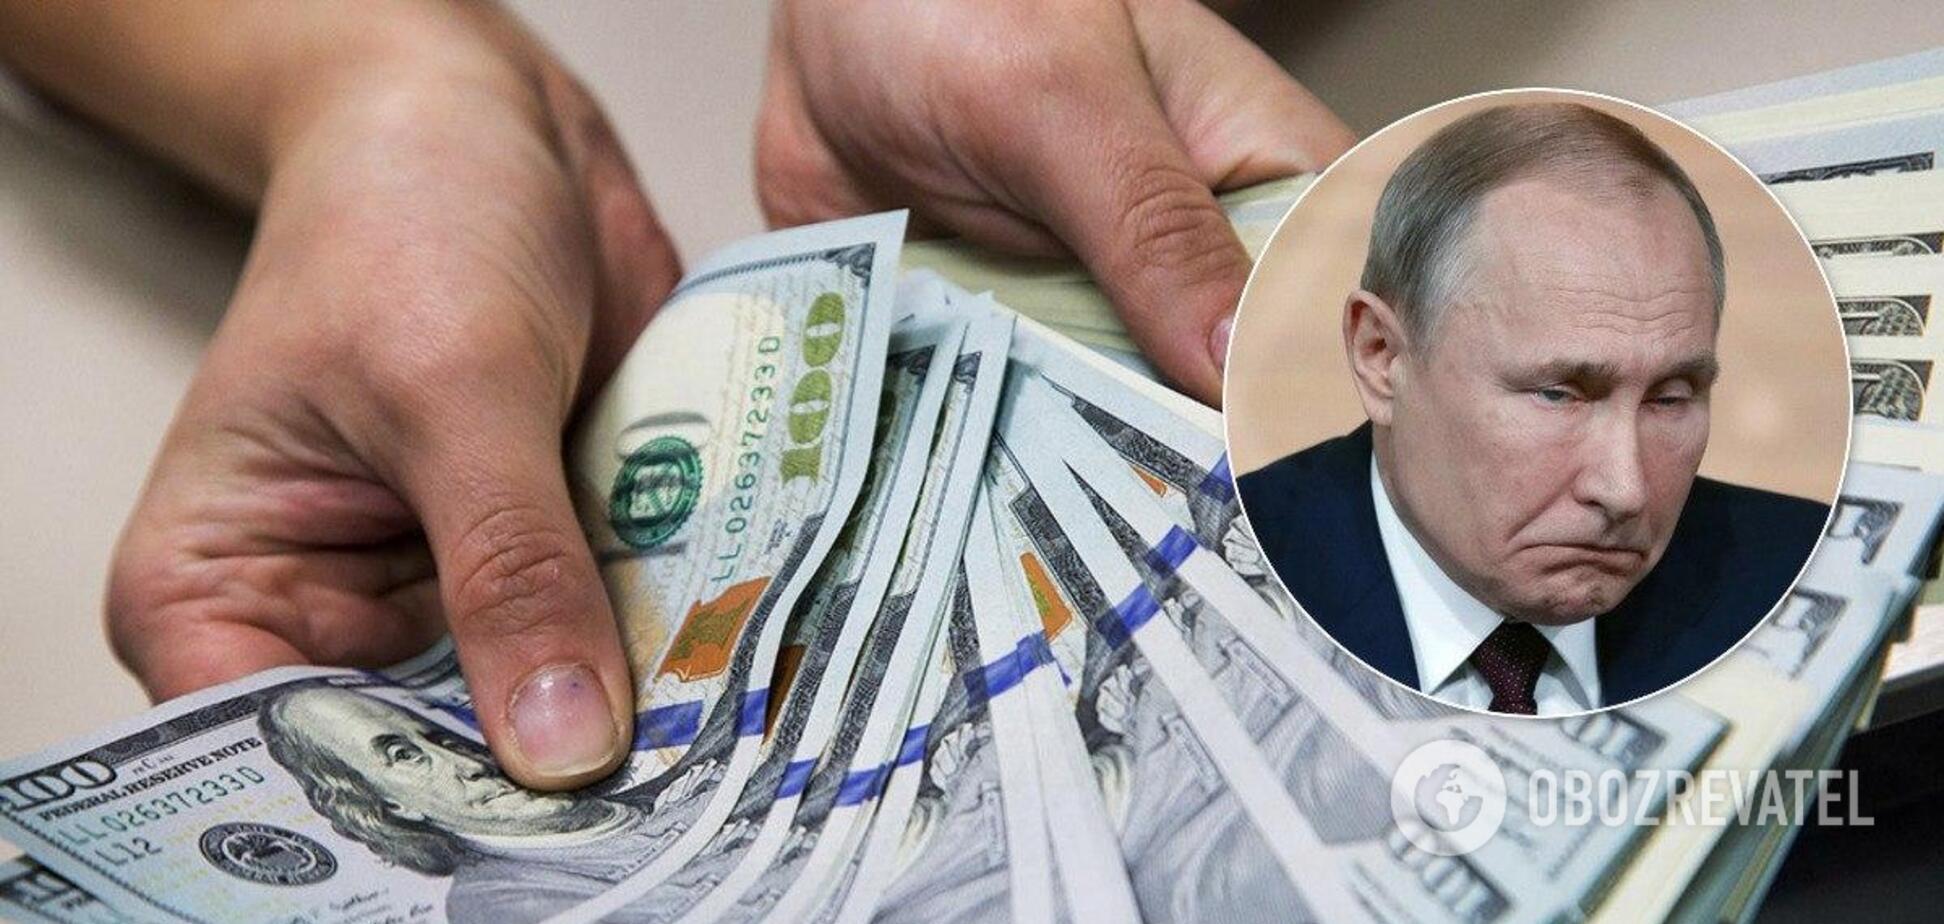 Путін заявив, що його коробить від зарплат у держкомпаніях РФ